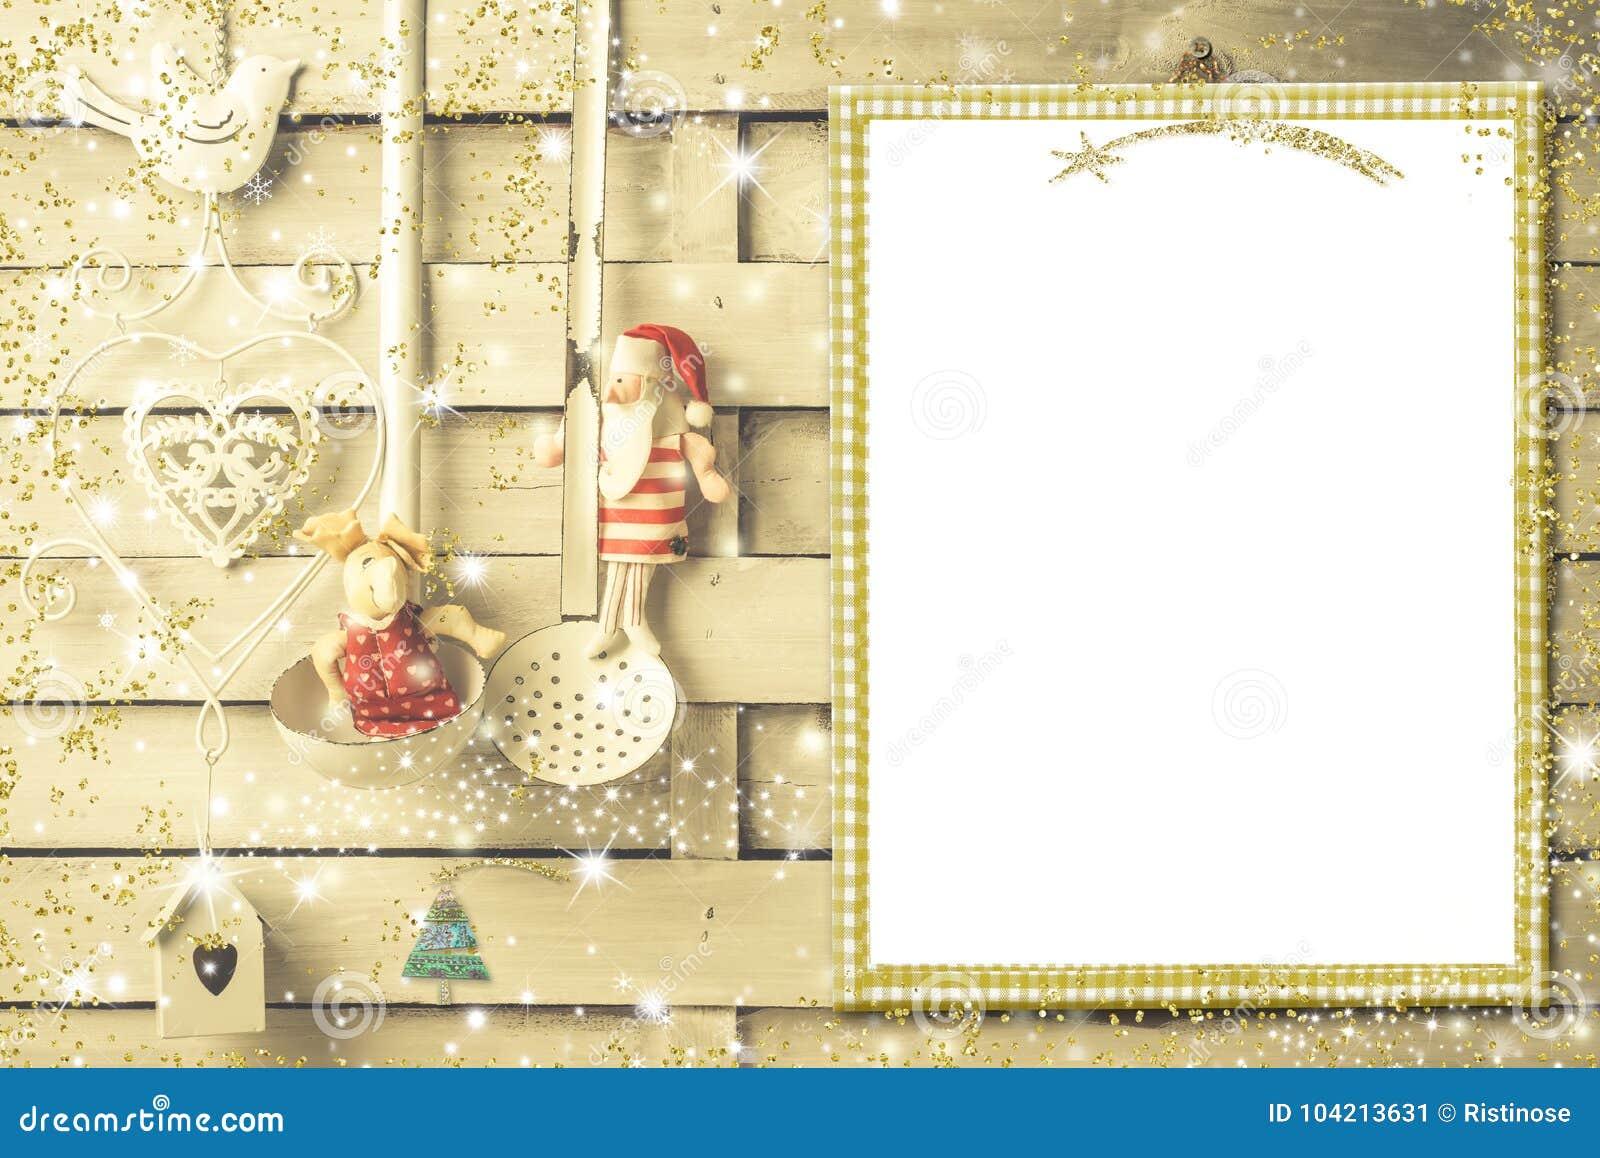 Christmas Menu Or Greeting Card Stock Image Image Of Christmas